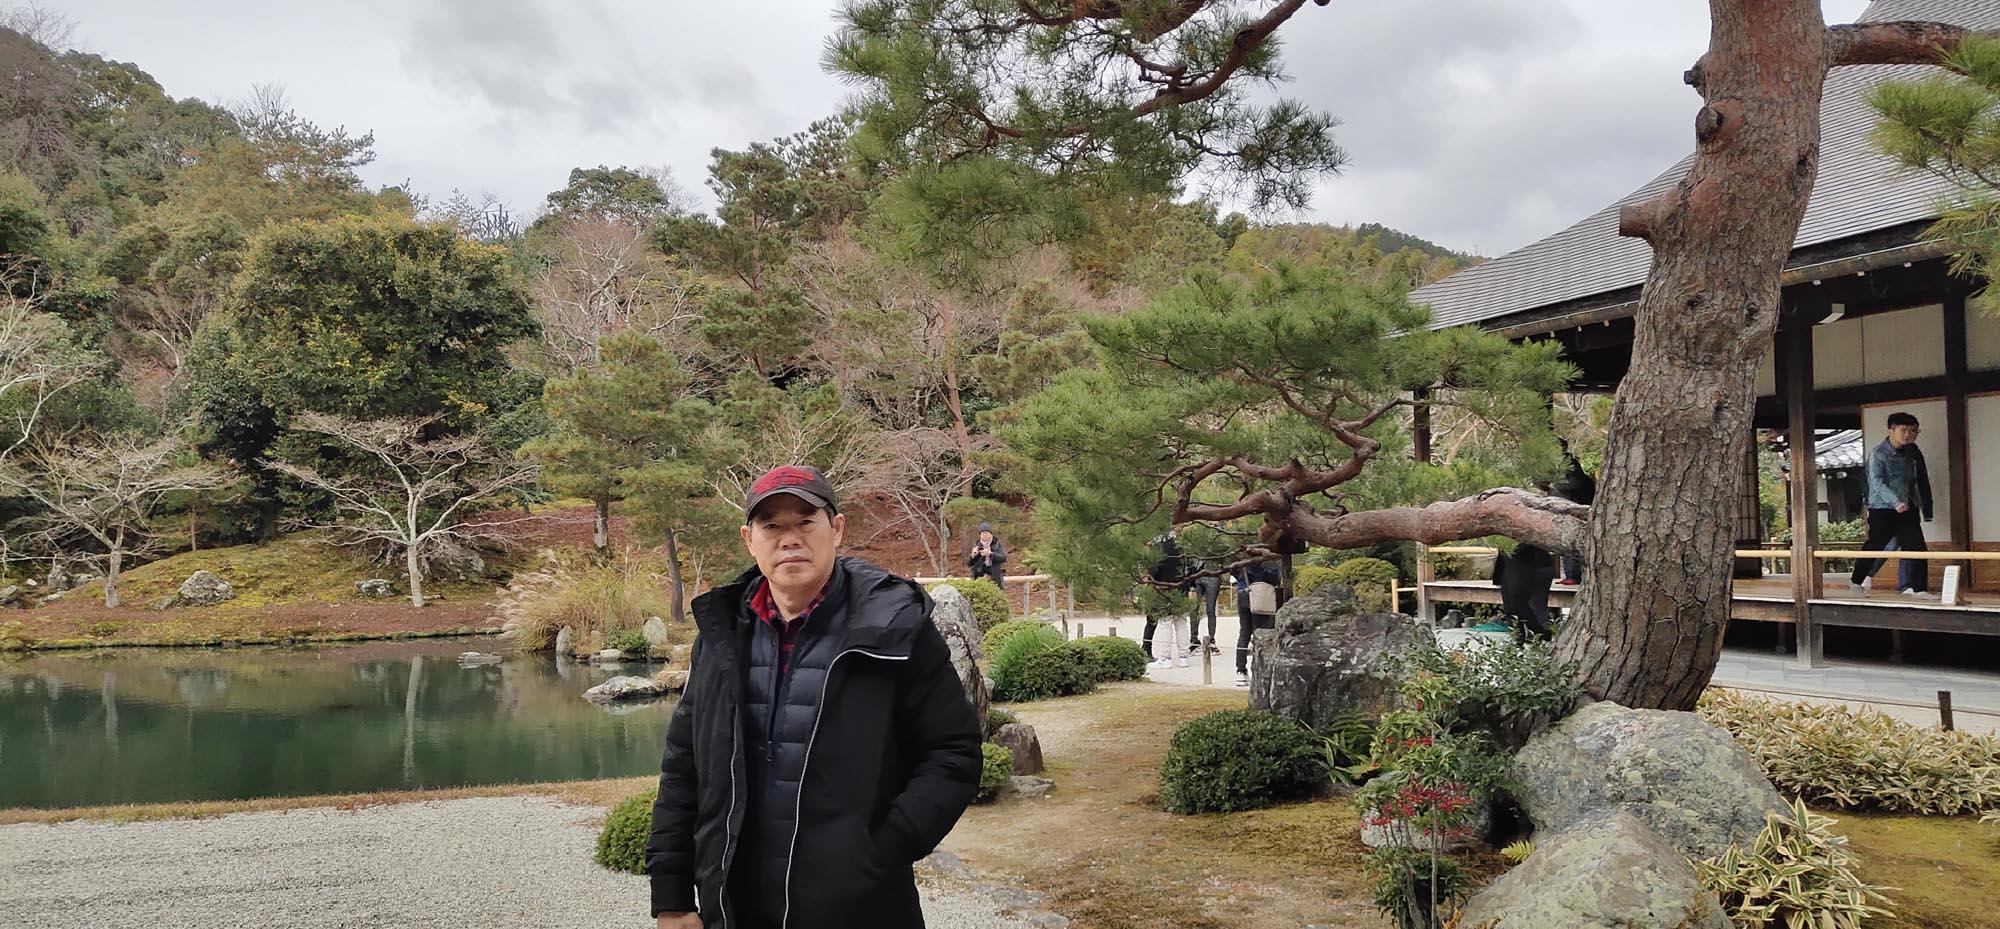 周逢俊照片在日本京都